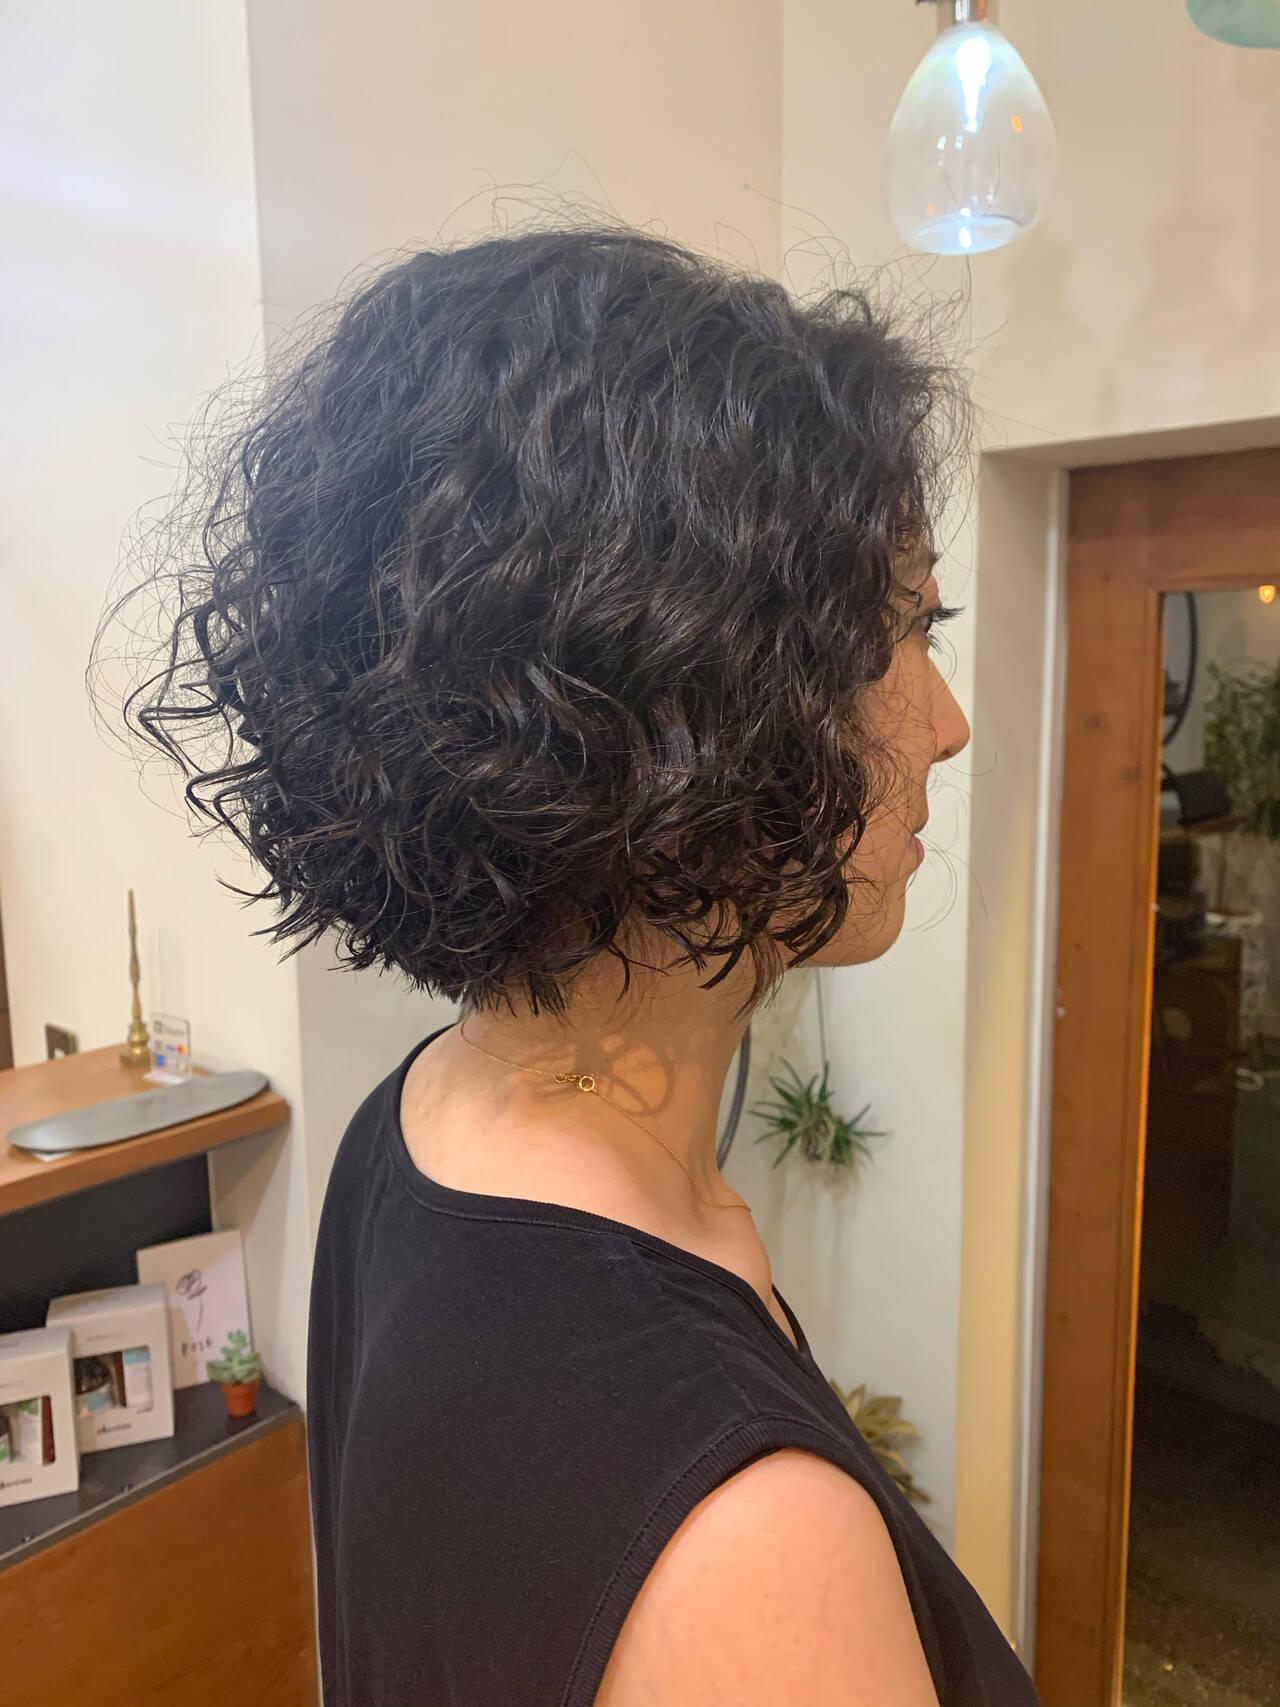 ミニボブ ボブ スパイラルパーマ ショートボブヘアスタイルや髪型の写真・画像